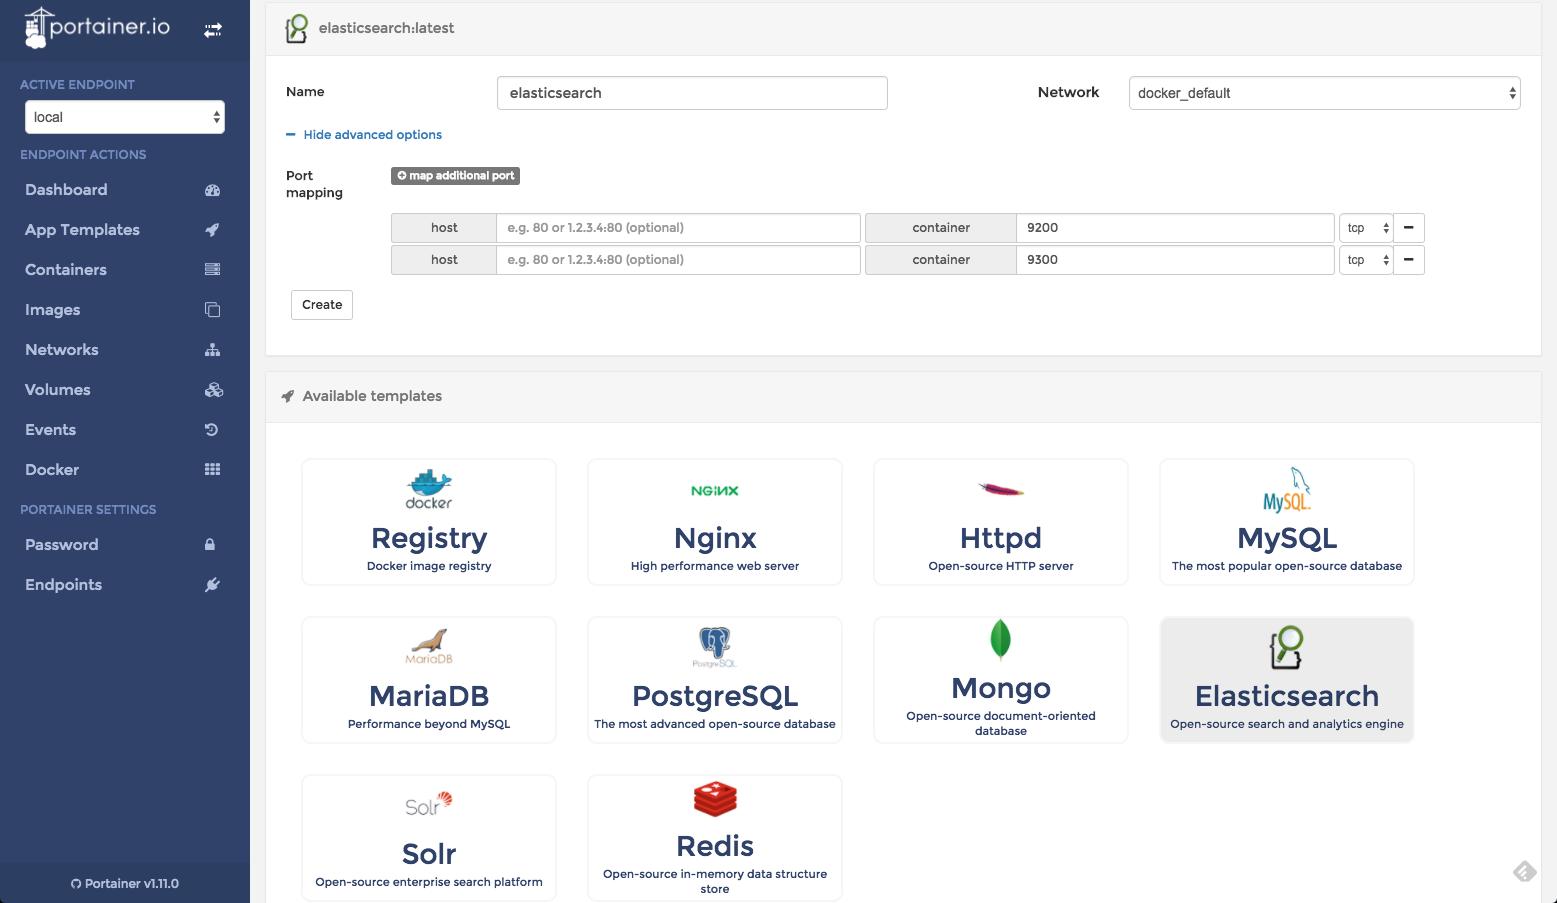 Portainer - Easy Docker Management